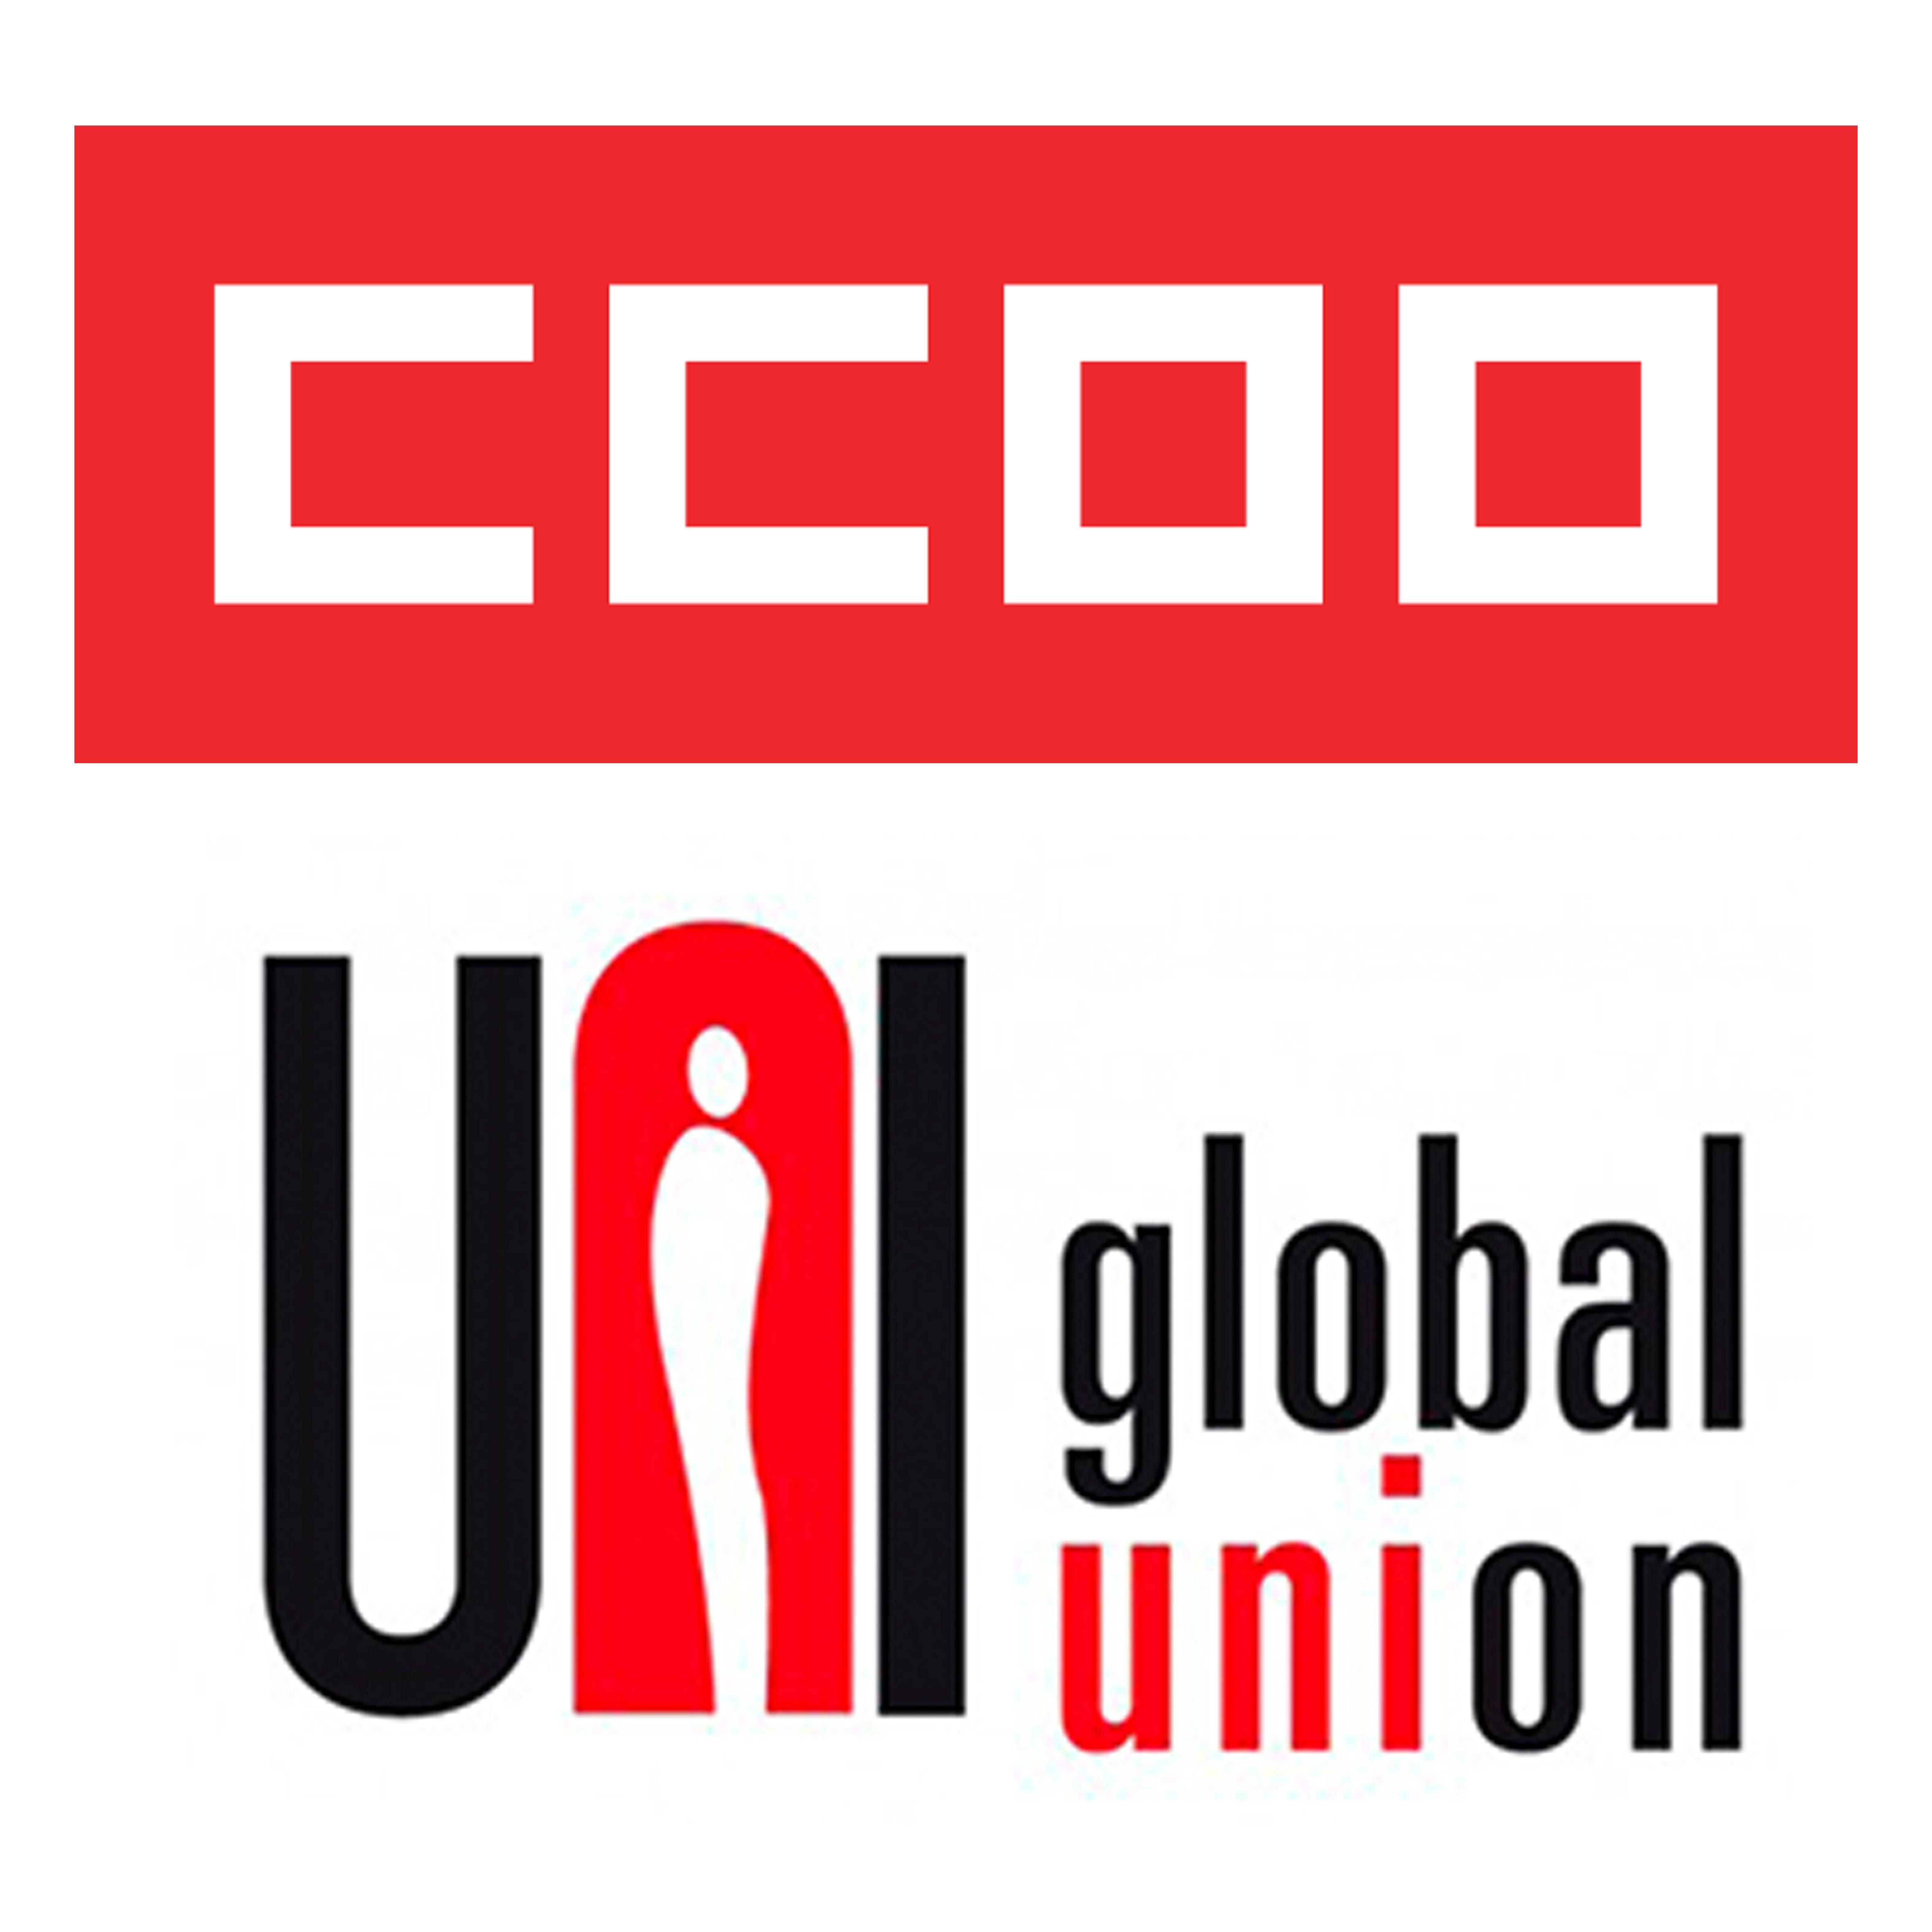 CCOO Primark UNI